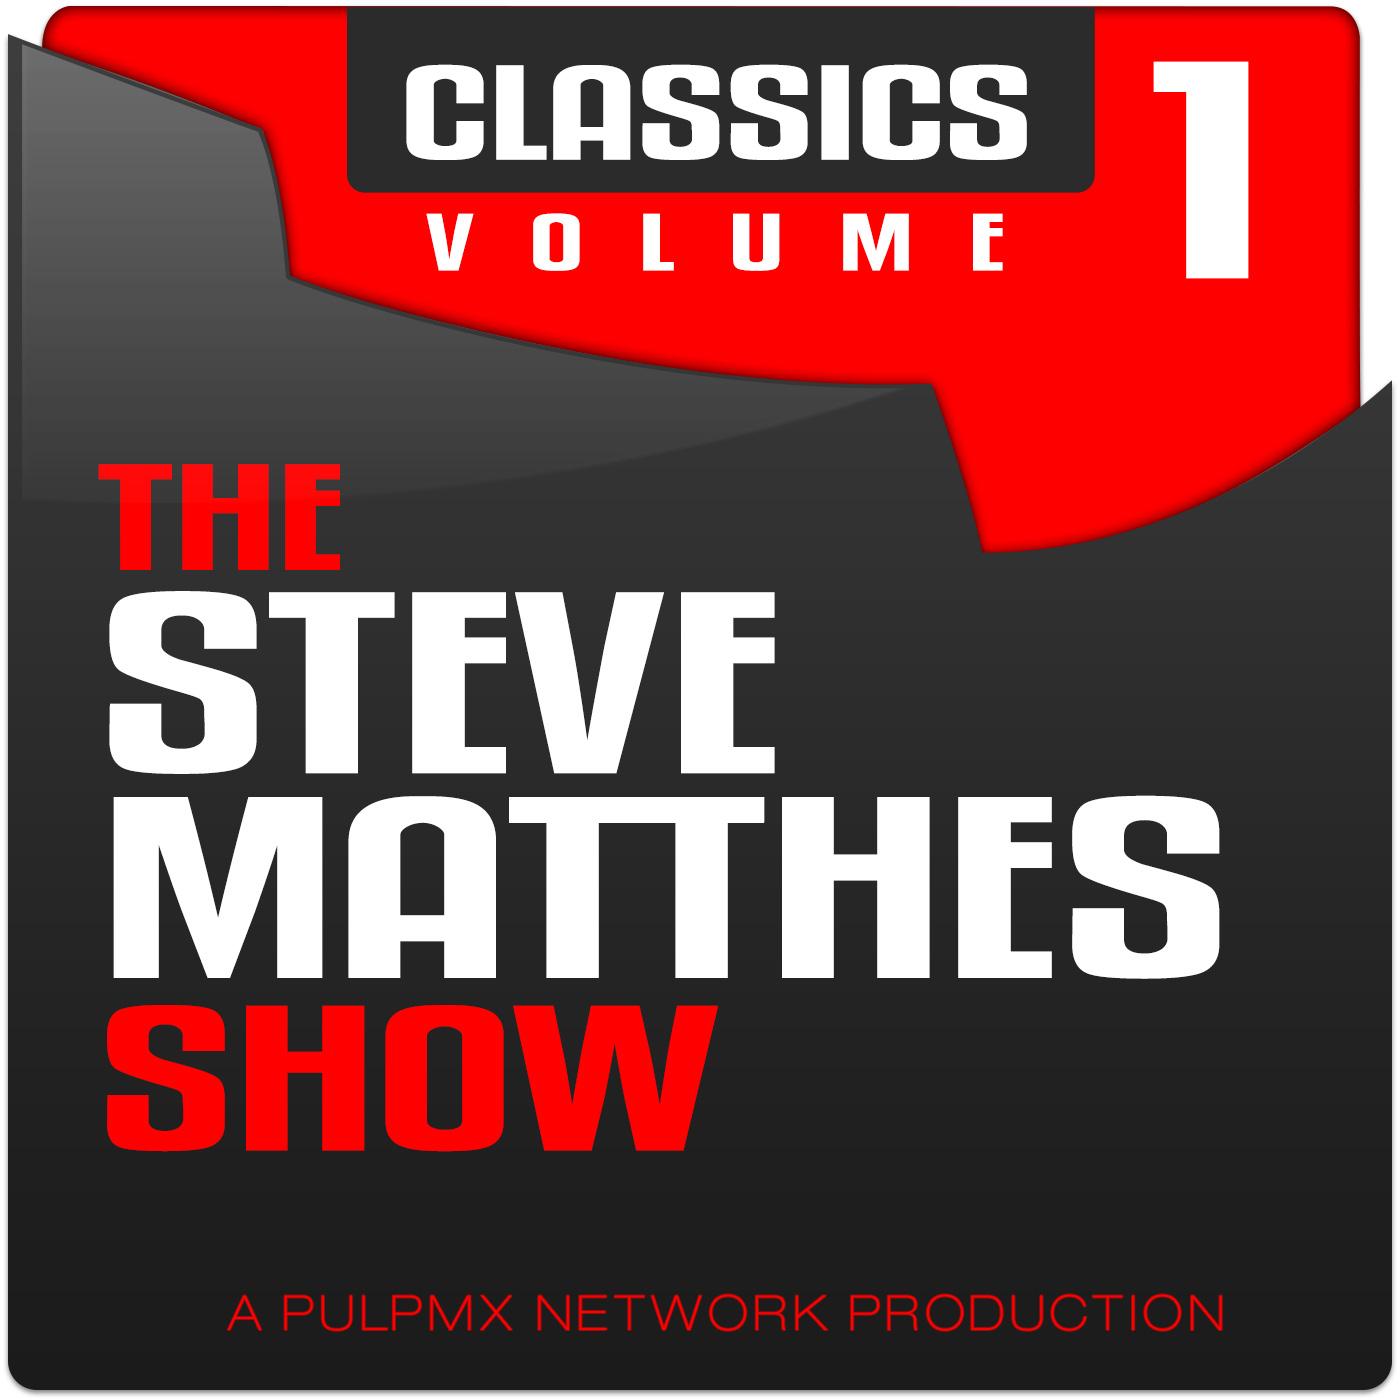 The Steve Matthes Show Classics Vol.1